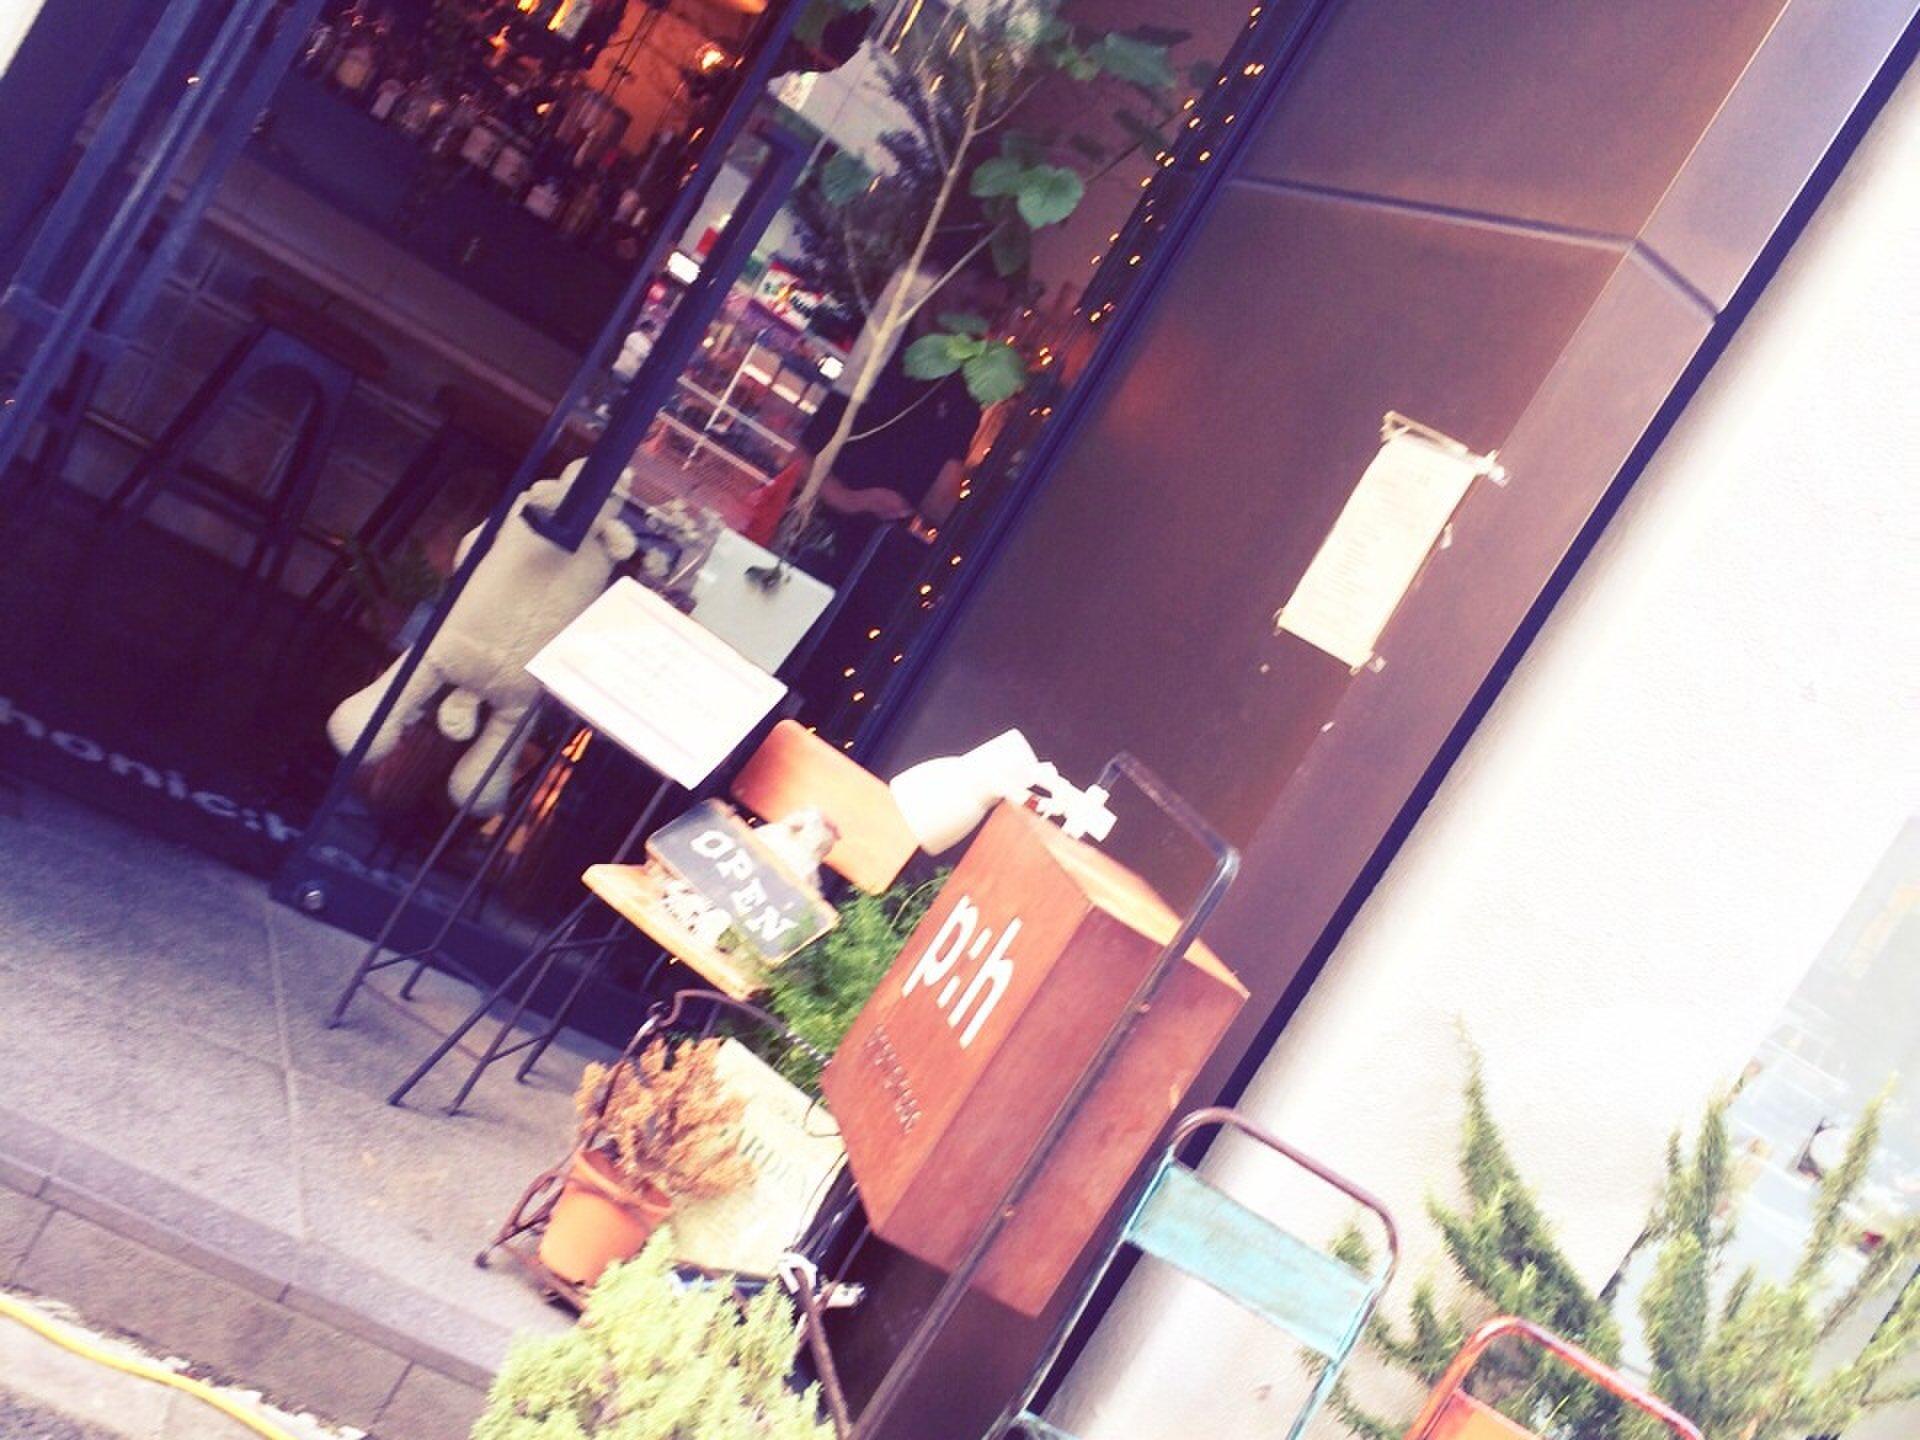 新宿のおすすめソファー席のある喫茶店!まったり女子会にもおすすめです